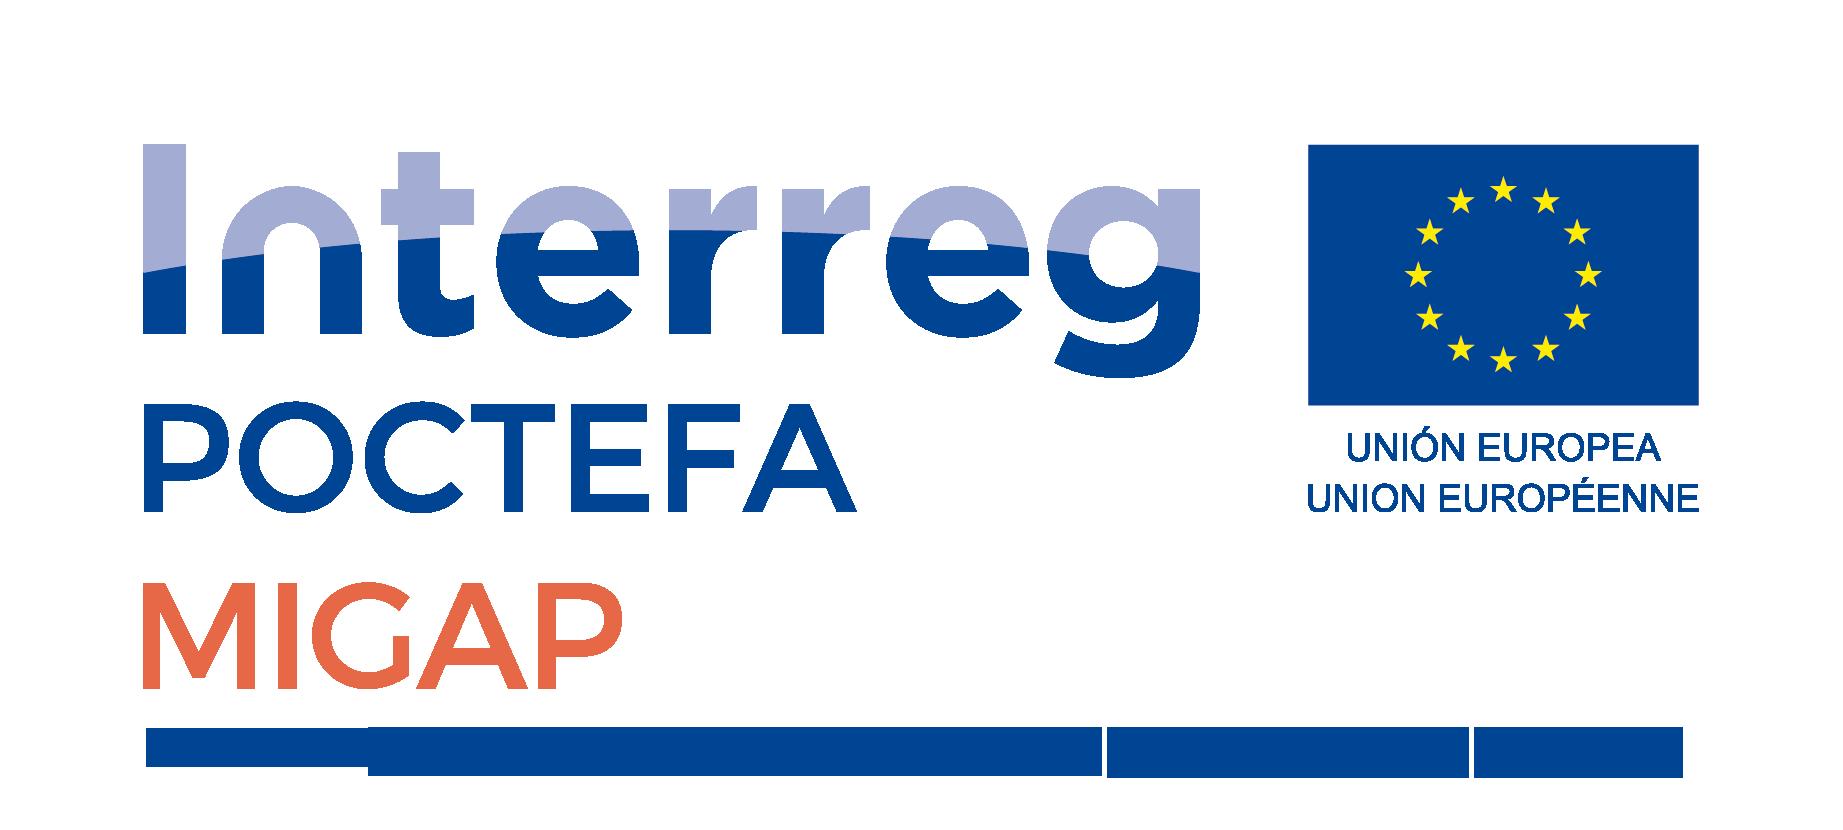 Interreg-POCTEFA-MIGAP-CMYK_FEDER_1